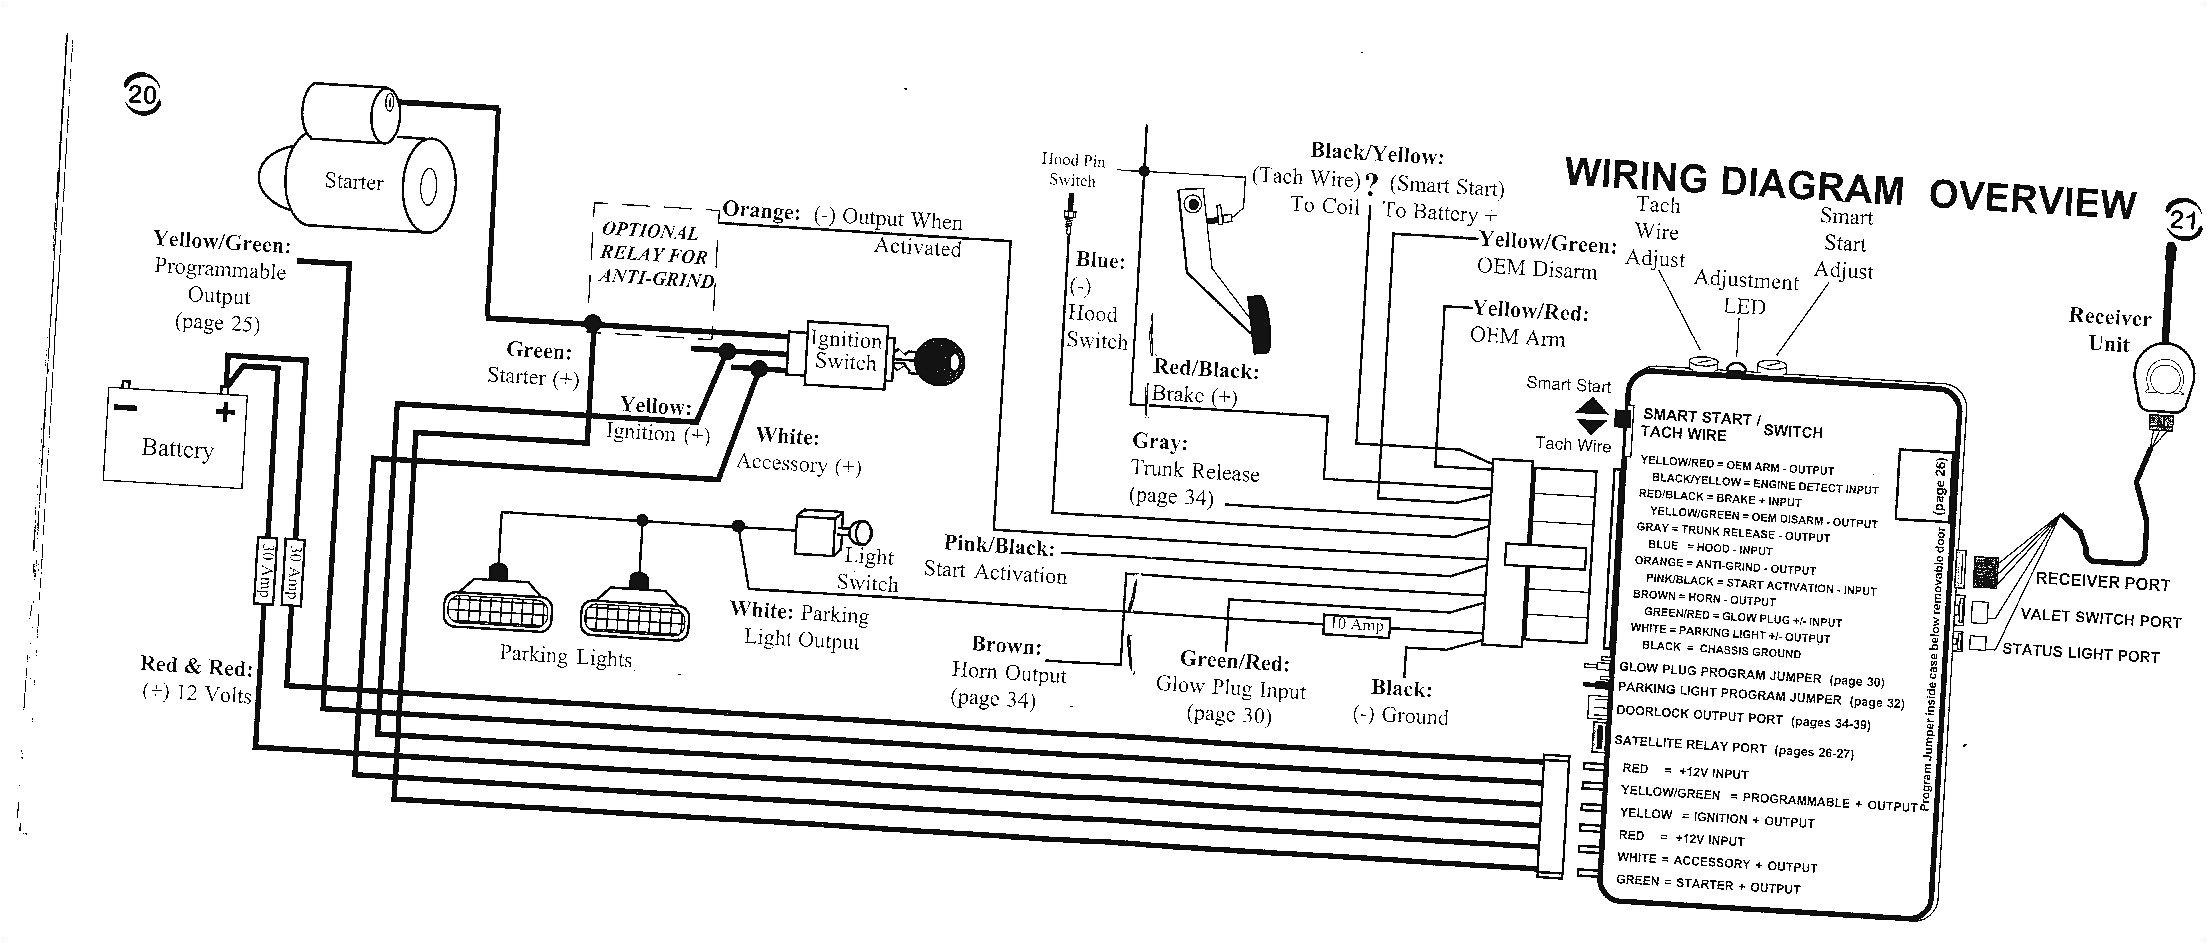 viper remote start wiring diagram wiring diagram paper smart key push start wiring diagram avital remote